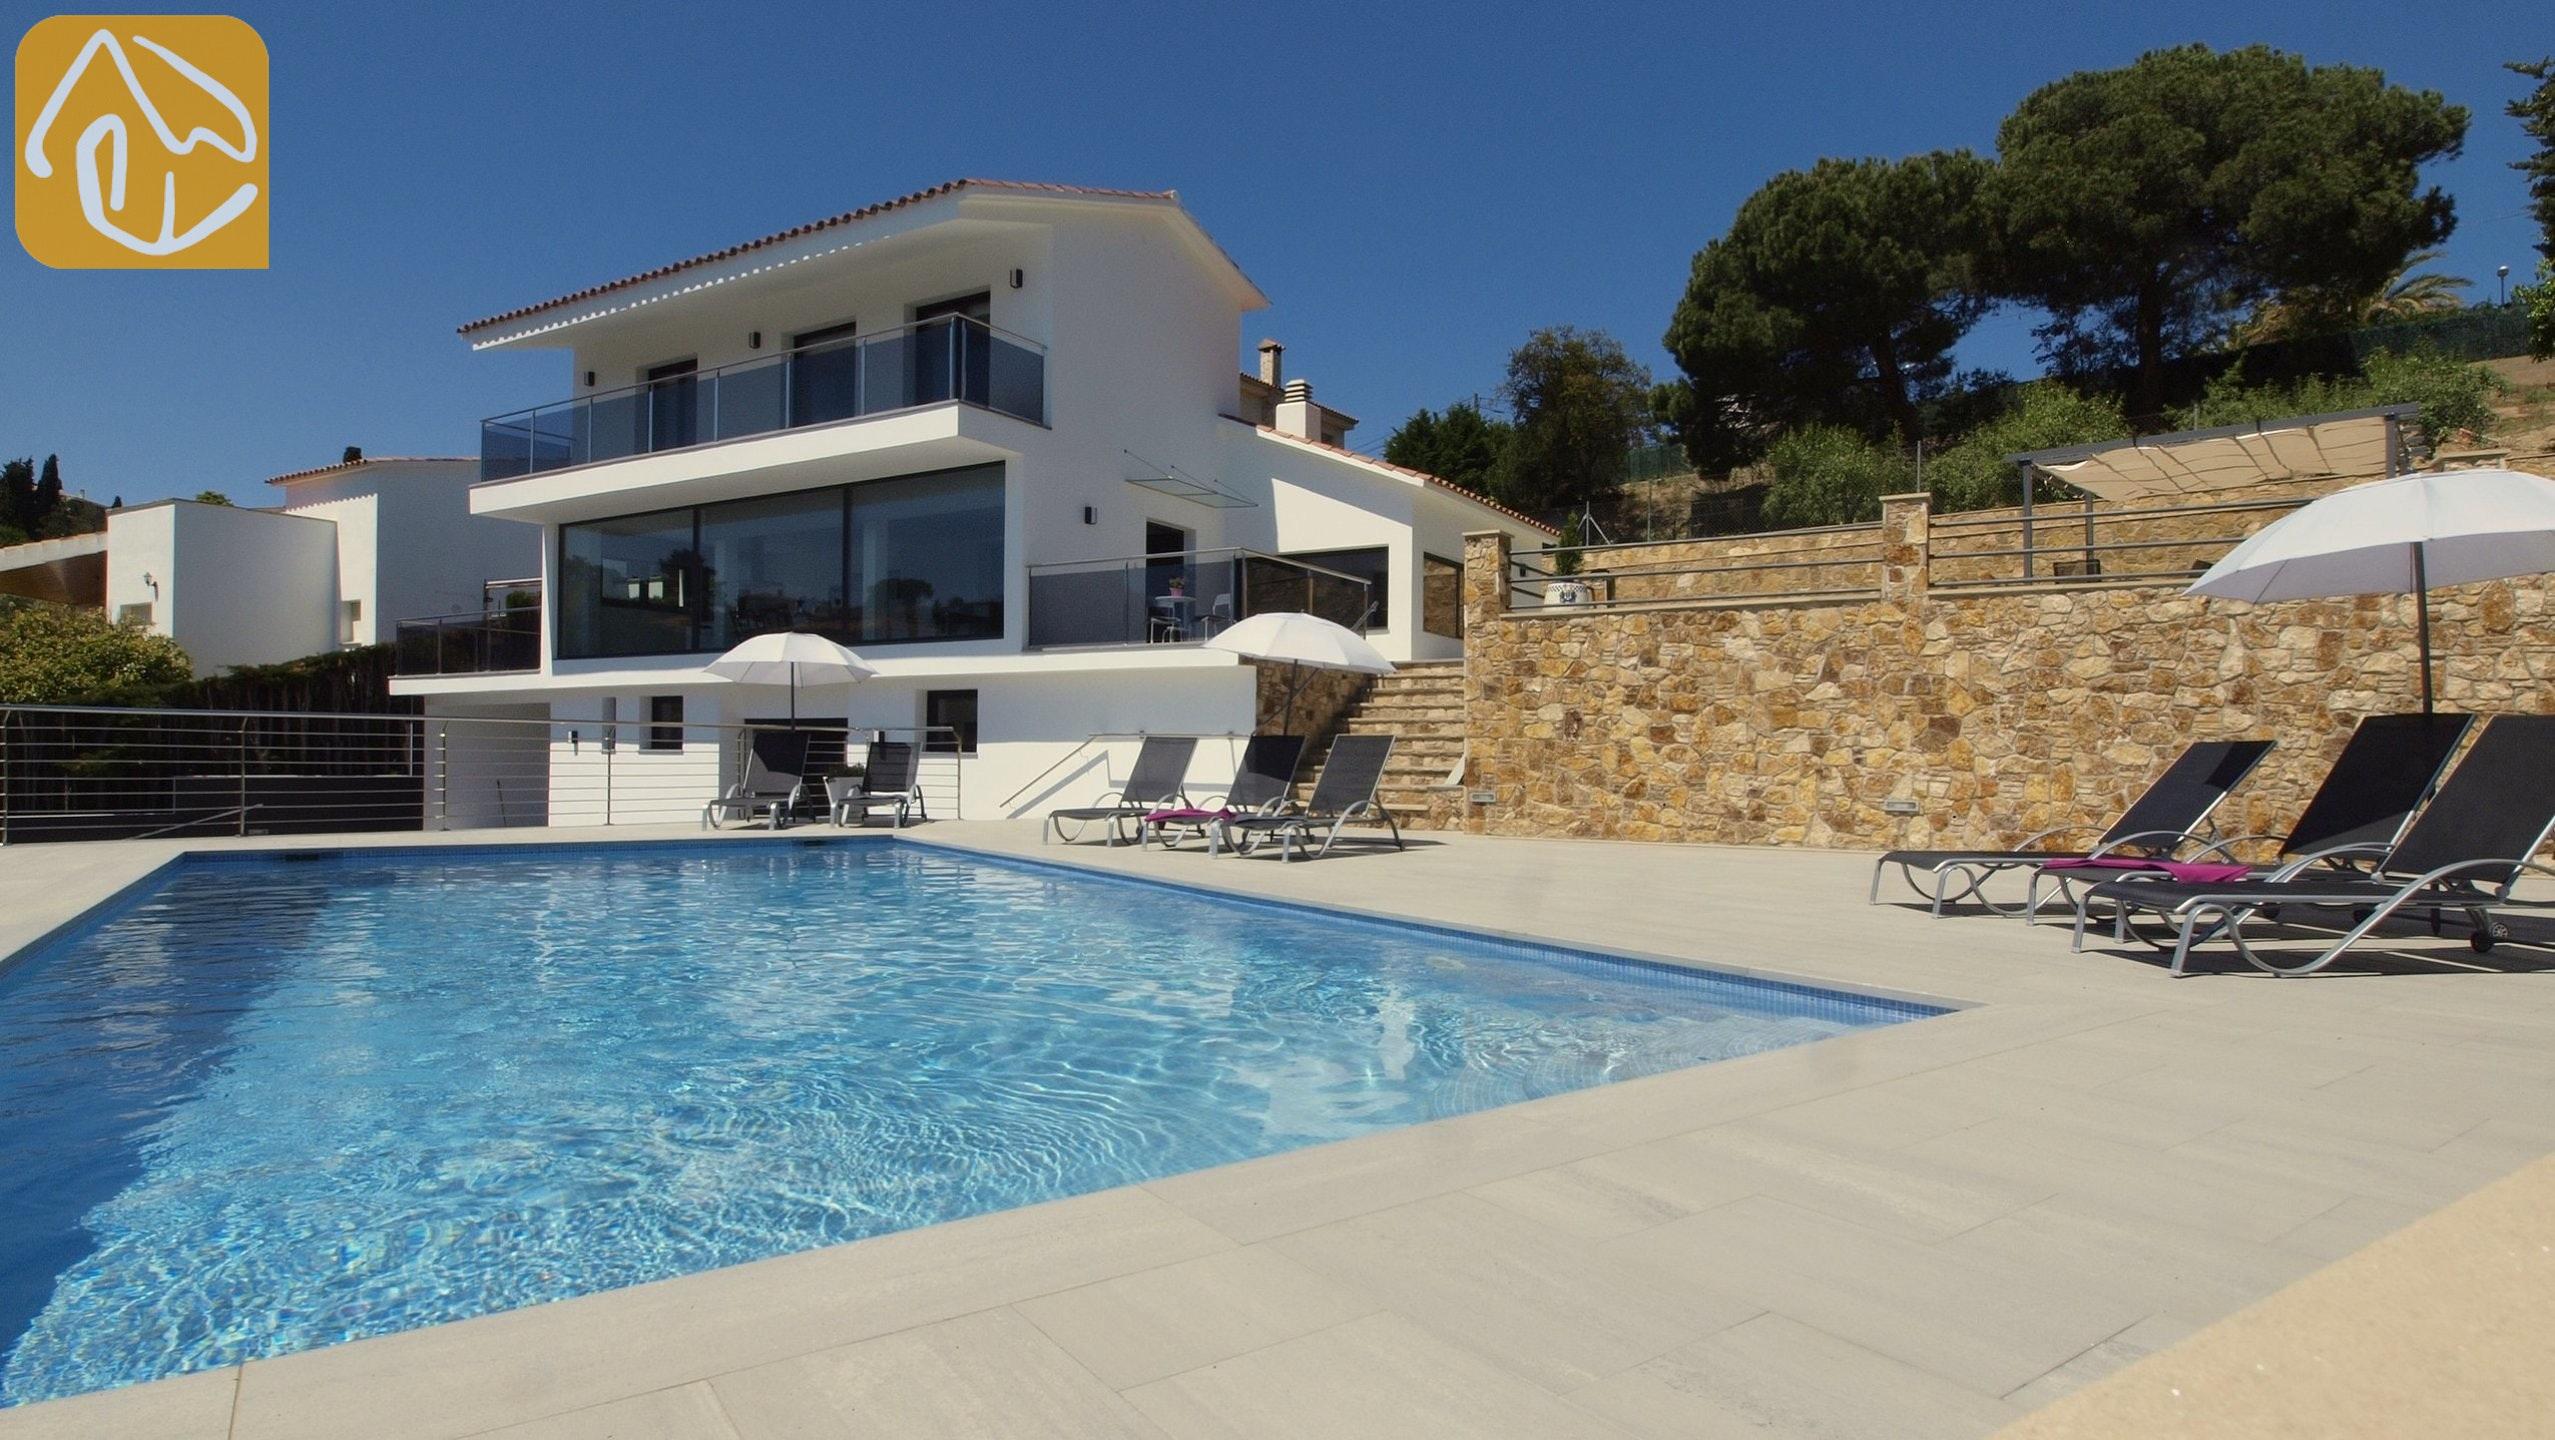 Holiday Villas Costa Brava Spain   Villa Summertime   Swimming Pool